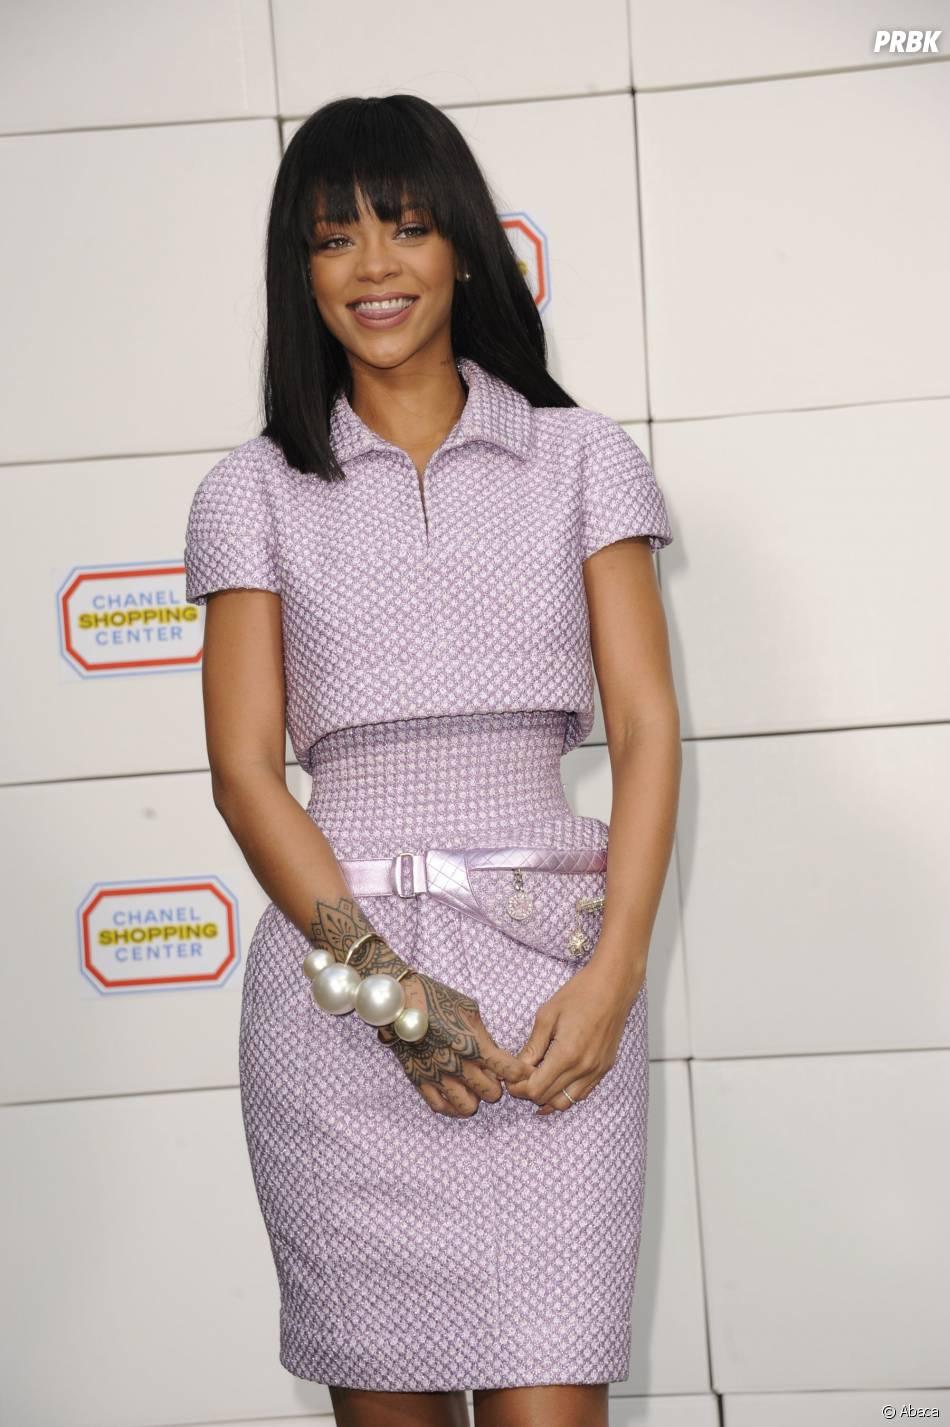 """Rihanna au défilé Chanel de Karl Lagerfeld dans le """"Shopping Center"""" du Grand Palais, le 4 mars 2014 à Paris"""